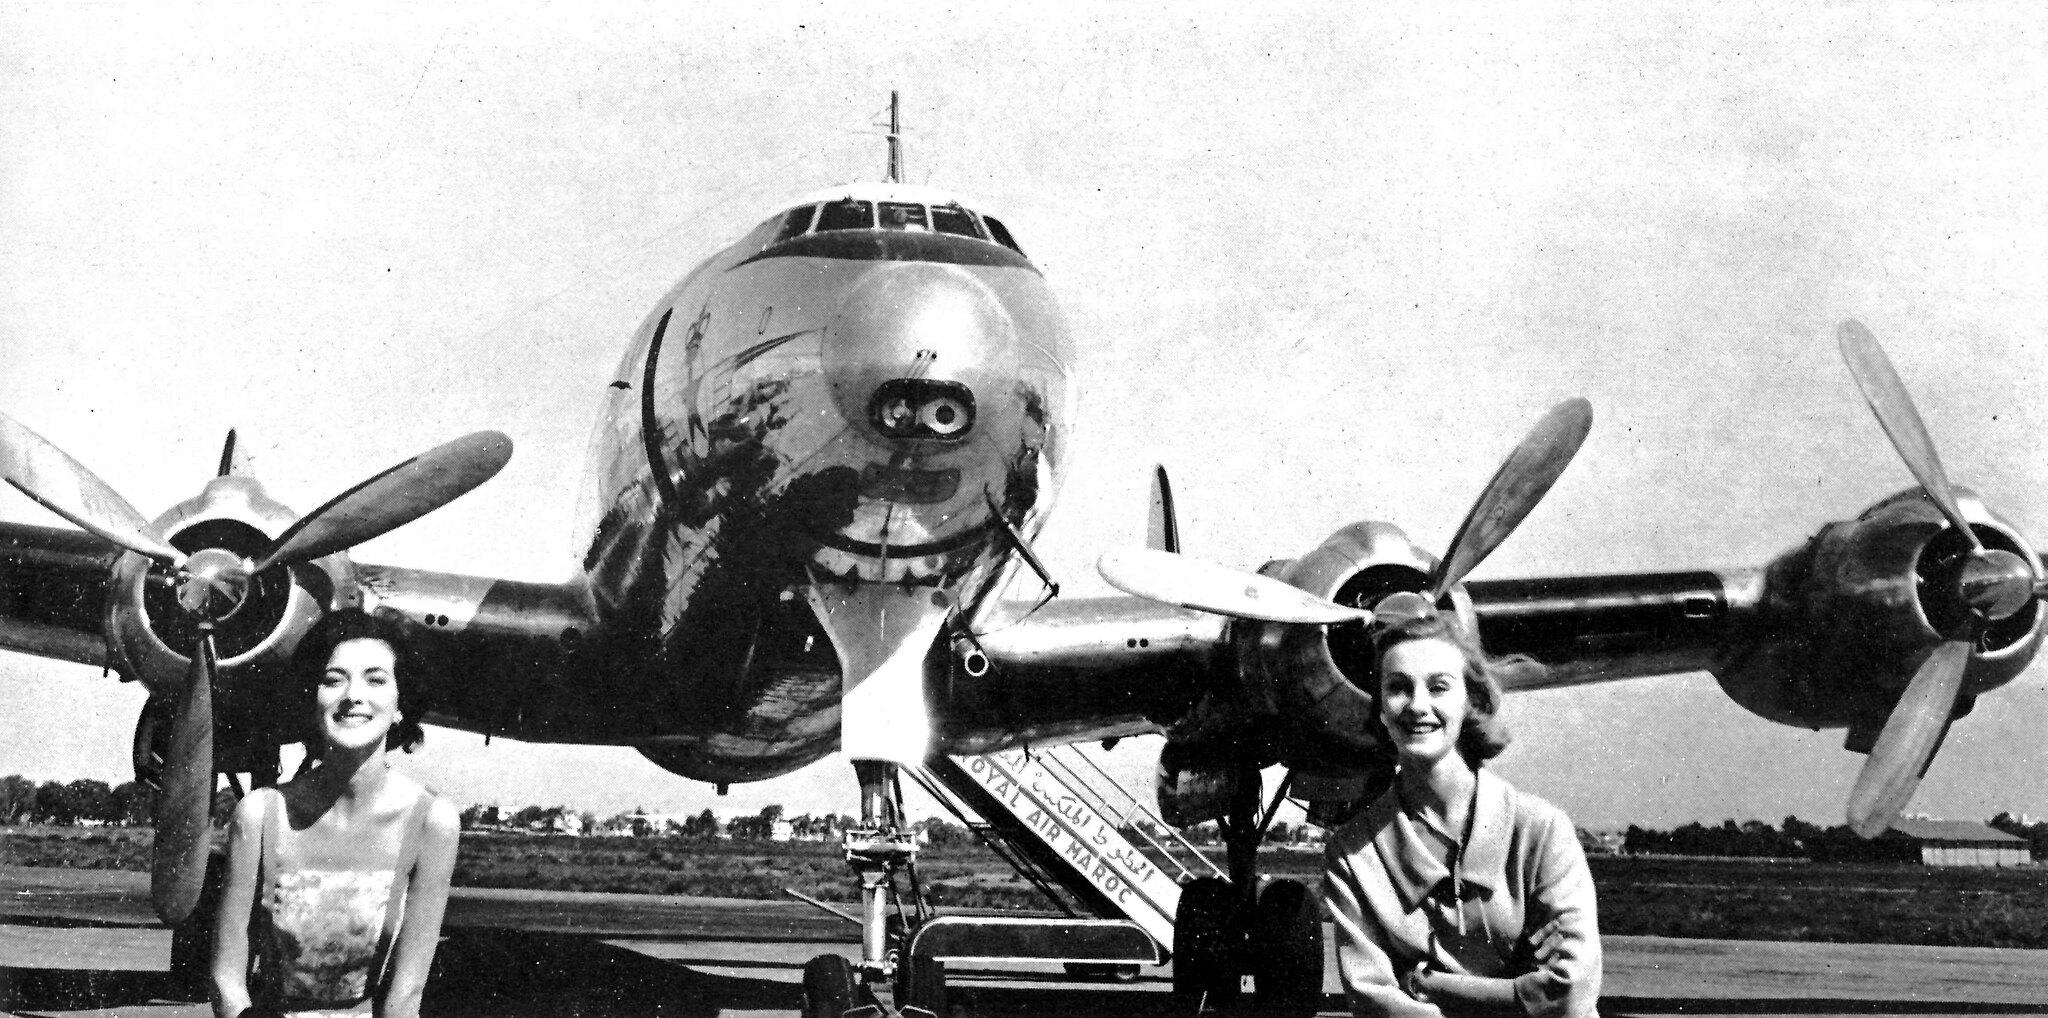 Anciens avions de la RAM - Page 4 48998325627_daf8b3a0c4_k